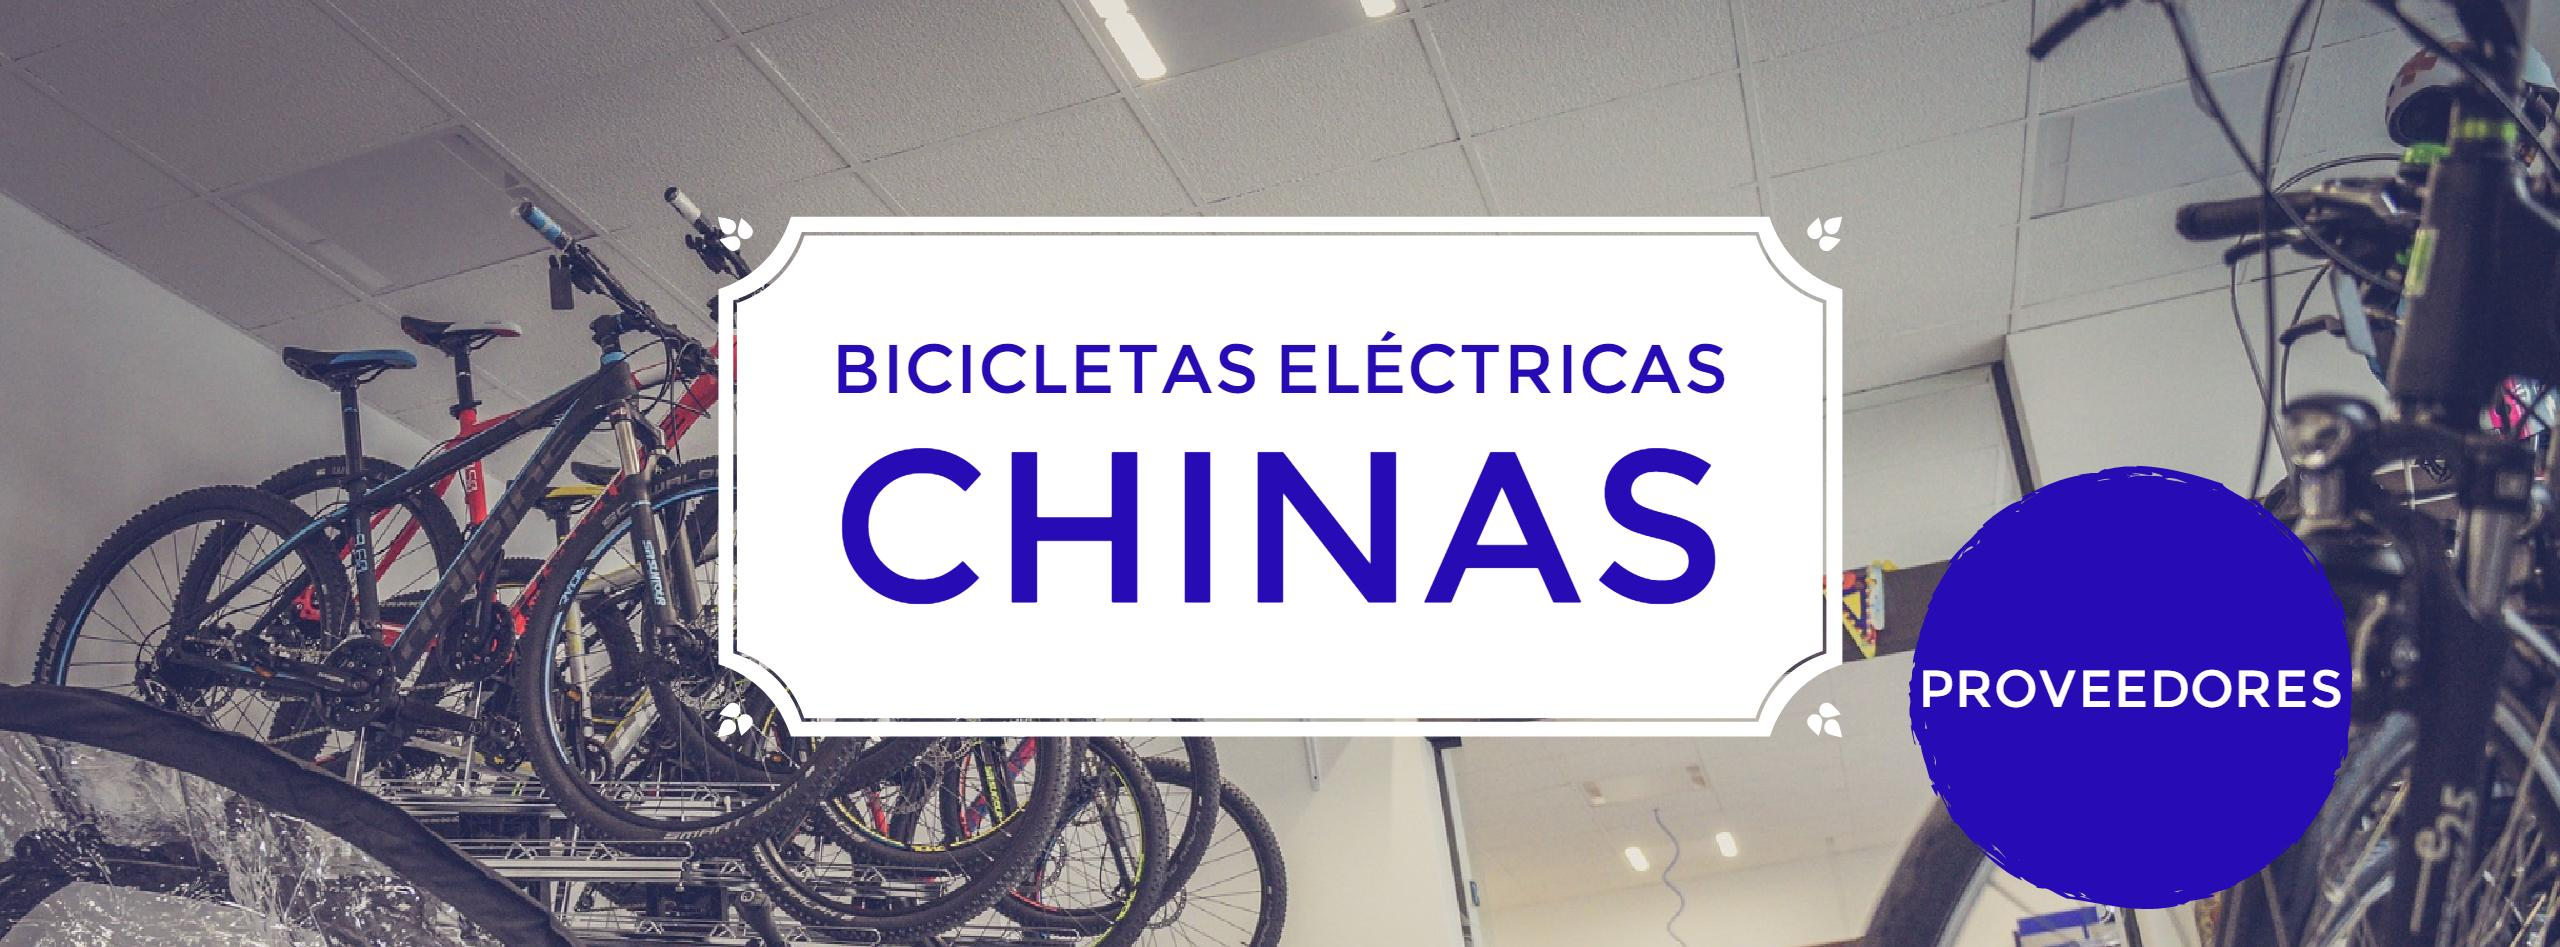 - Bicicletas eléctricas chinas